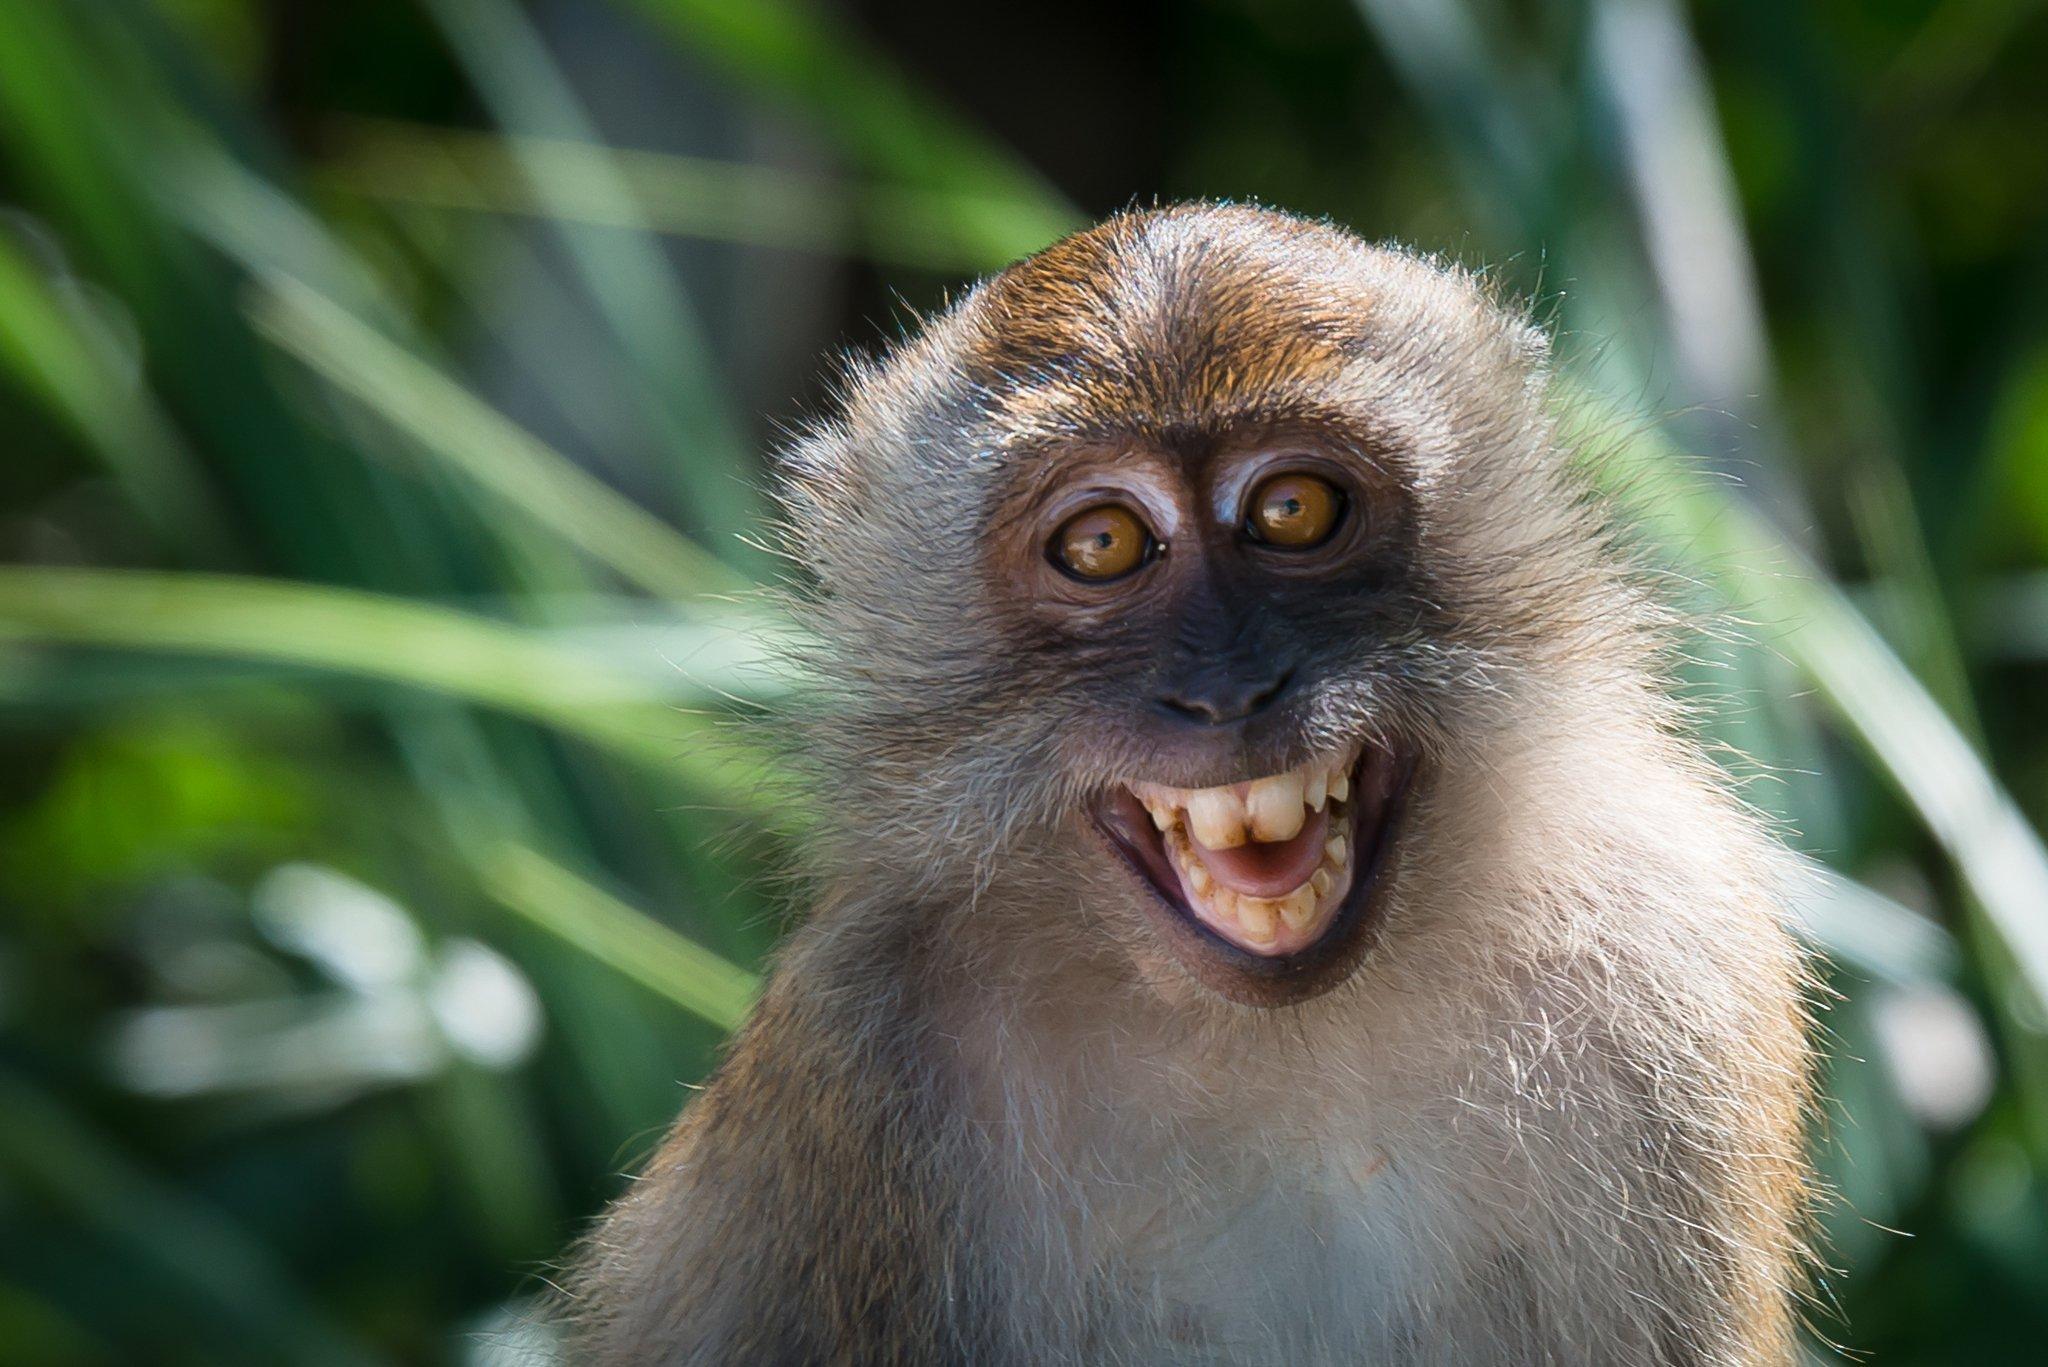 Ein Affe blickt mit großen braunen Augen und gebleckten Zähnen in die Kamera. Es ist ein Langschwanzmakake, der im Tarutao National Park in Thailand lebt. Zu sehen sind sein Kopf und Oberkörper, die mit graubraunem Fell bedeckt sind, vor dem verwaschenen Hintergrund grüner Blätter. Die nach vorne gerichteten Augen der Affen bewirken, dass die Tiere hervorragend räumlich sehen und Entfernungen beim Springen von Ast zu Ast gut abschätzen können.